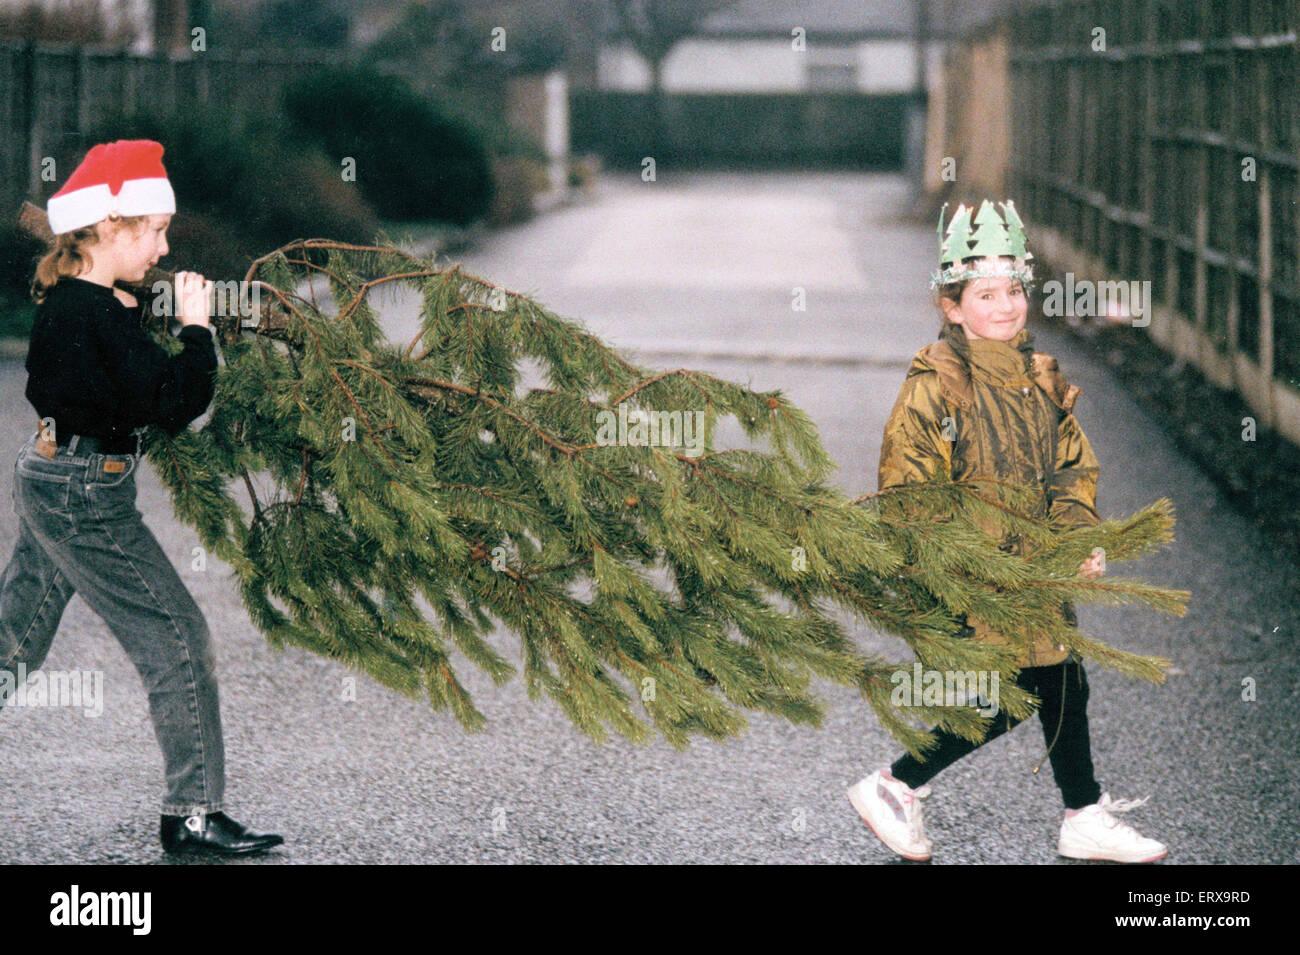 Quasi il grande giorno...e casa per effettuare un avvio in ritardo sulla messa e decorare l'albero di Natale Immagini Stock